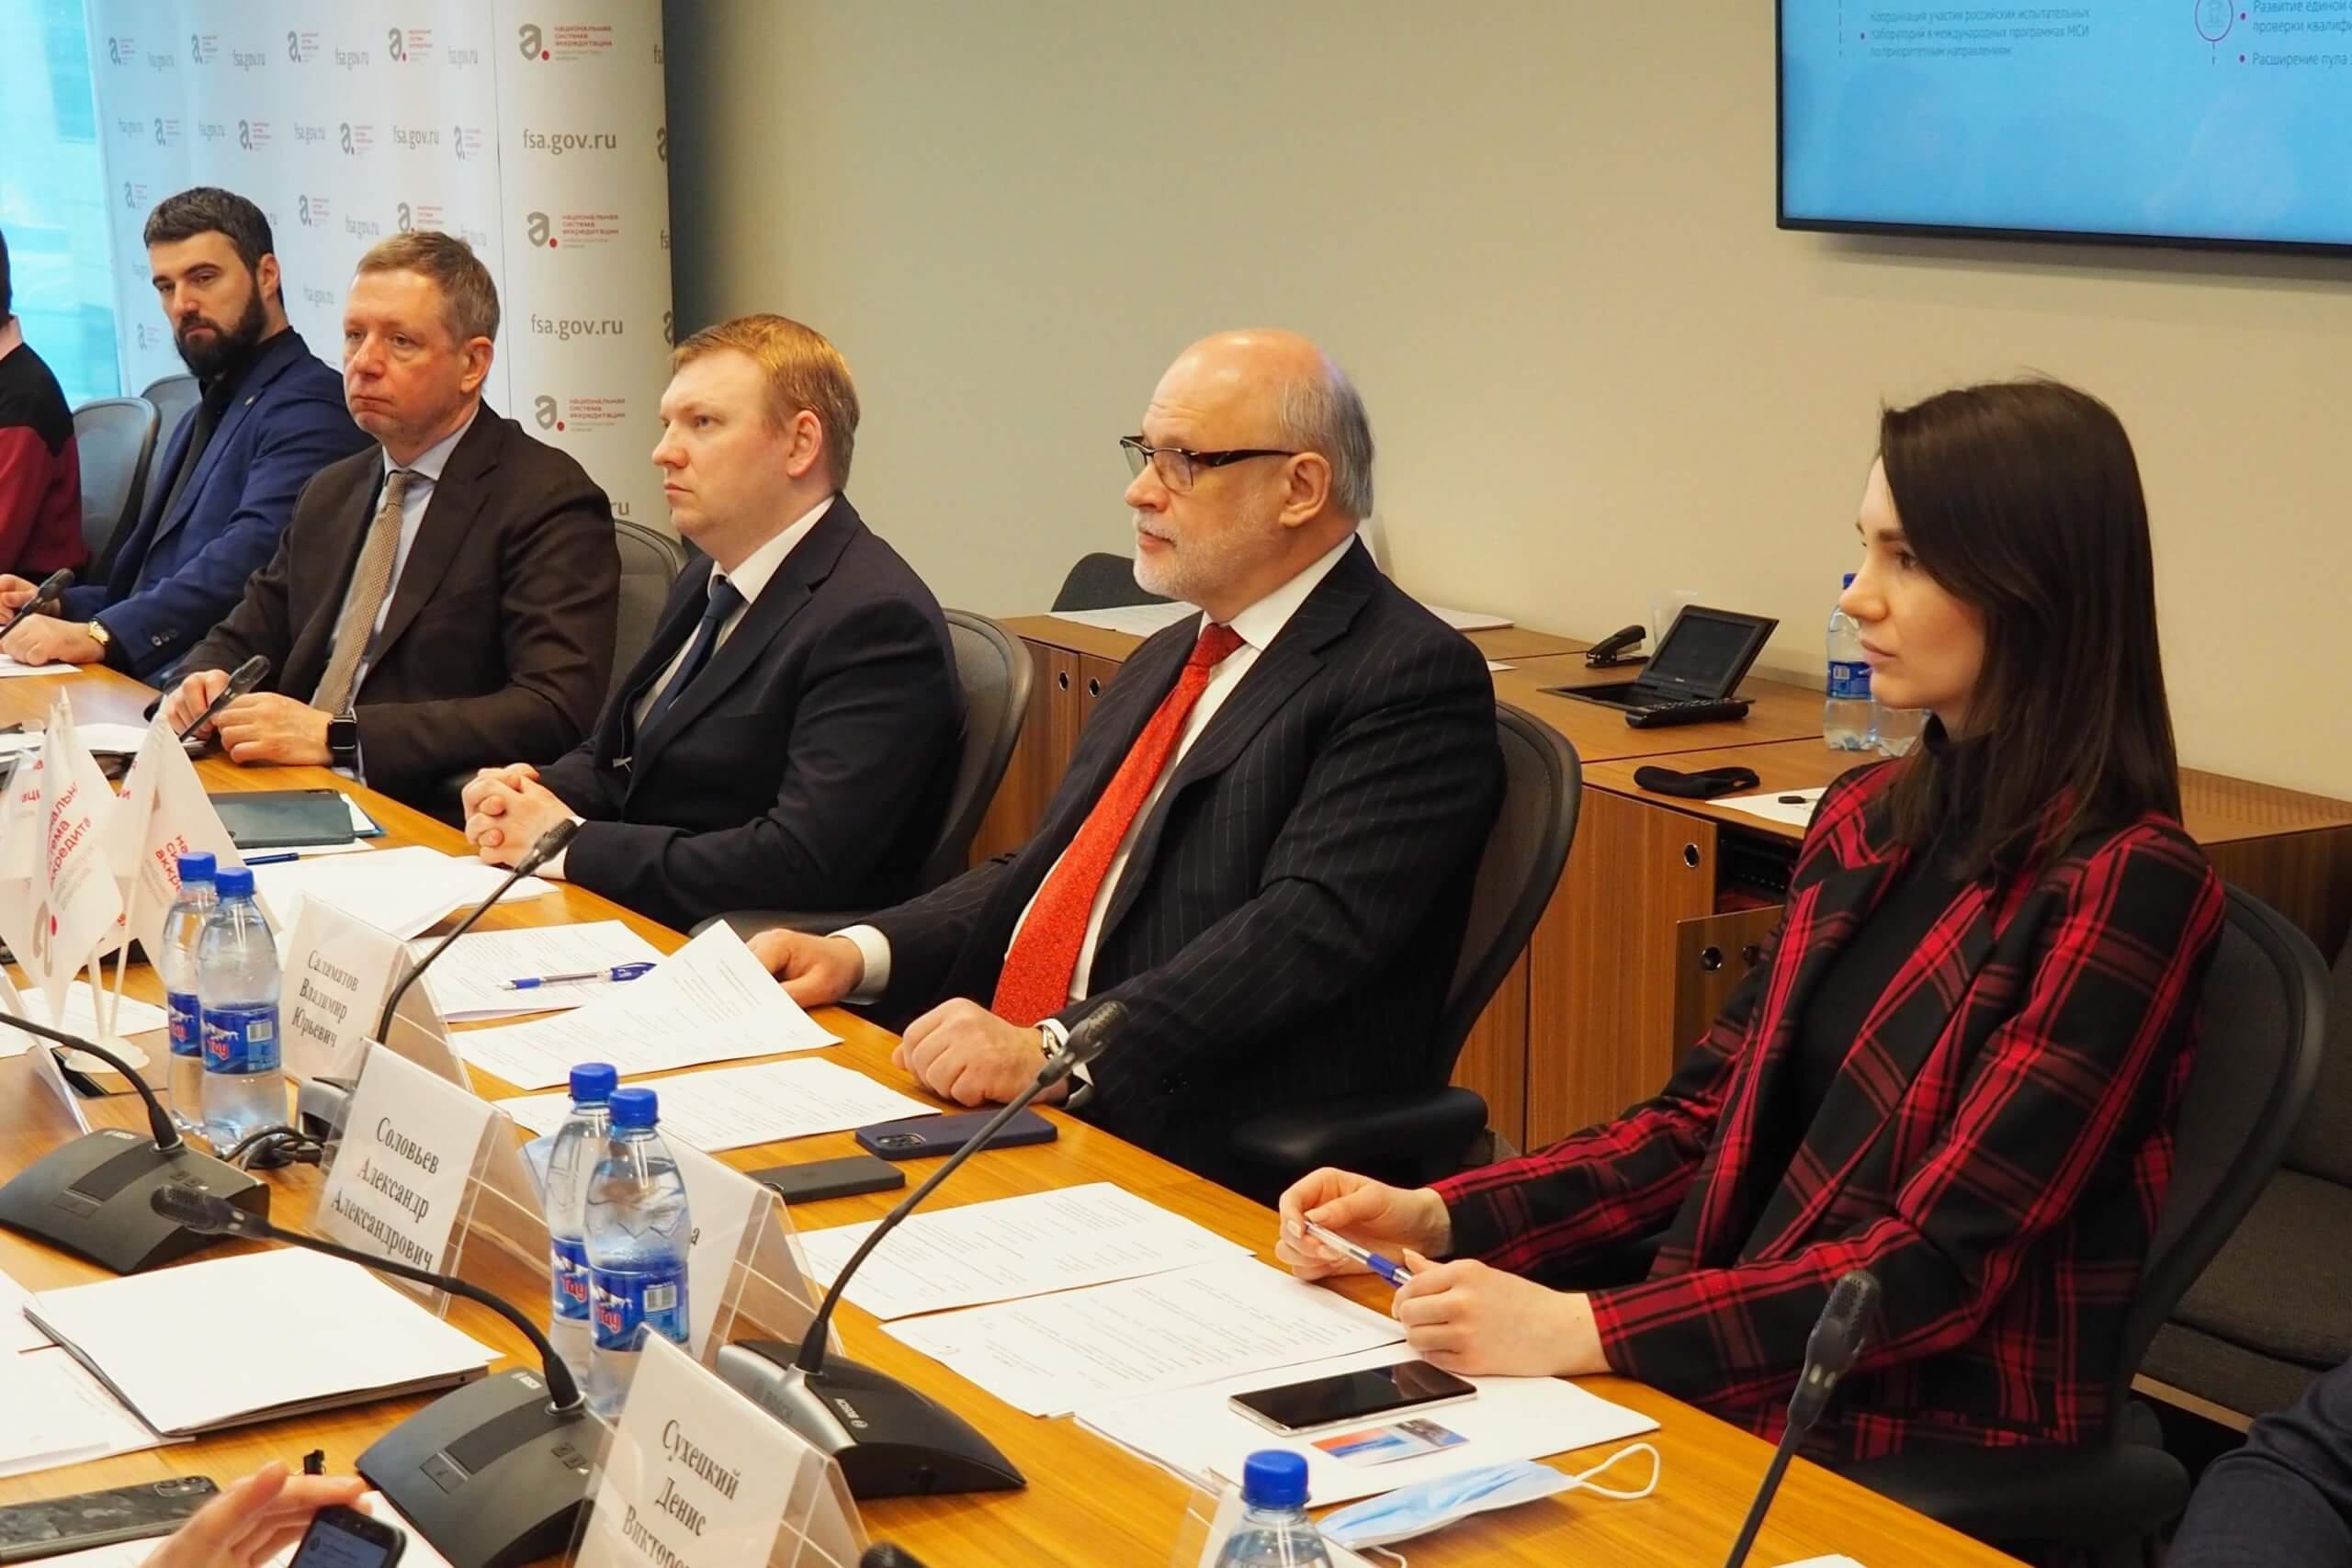 Состоялось заседание Общественного совета при Росаккредитации